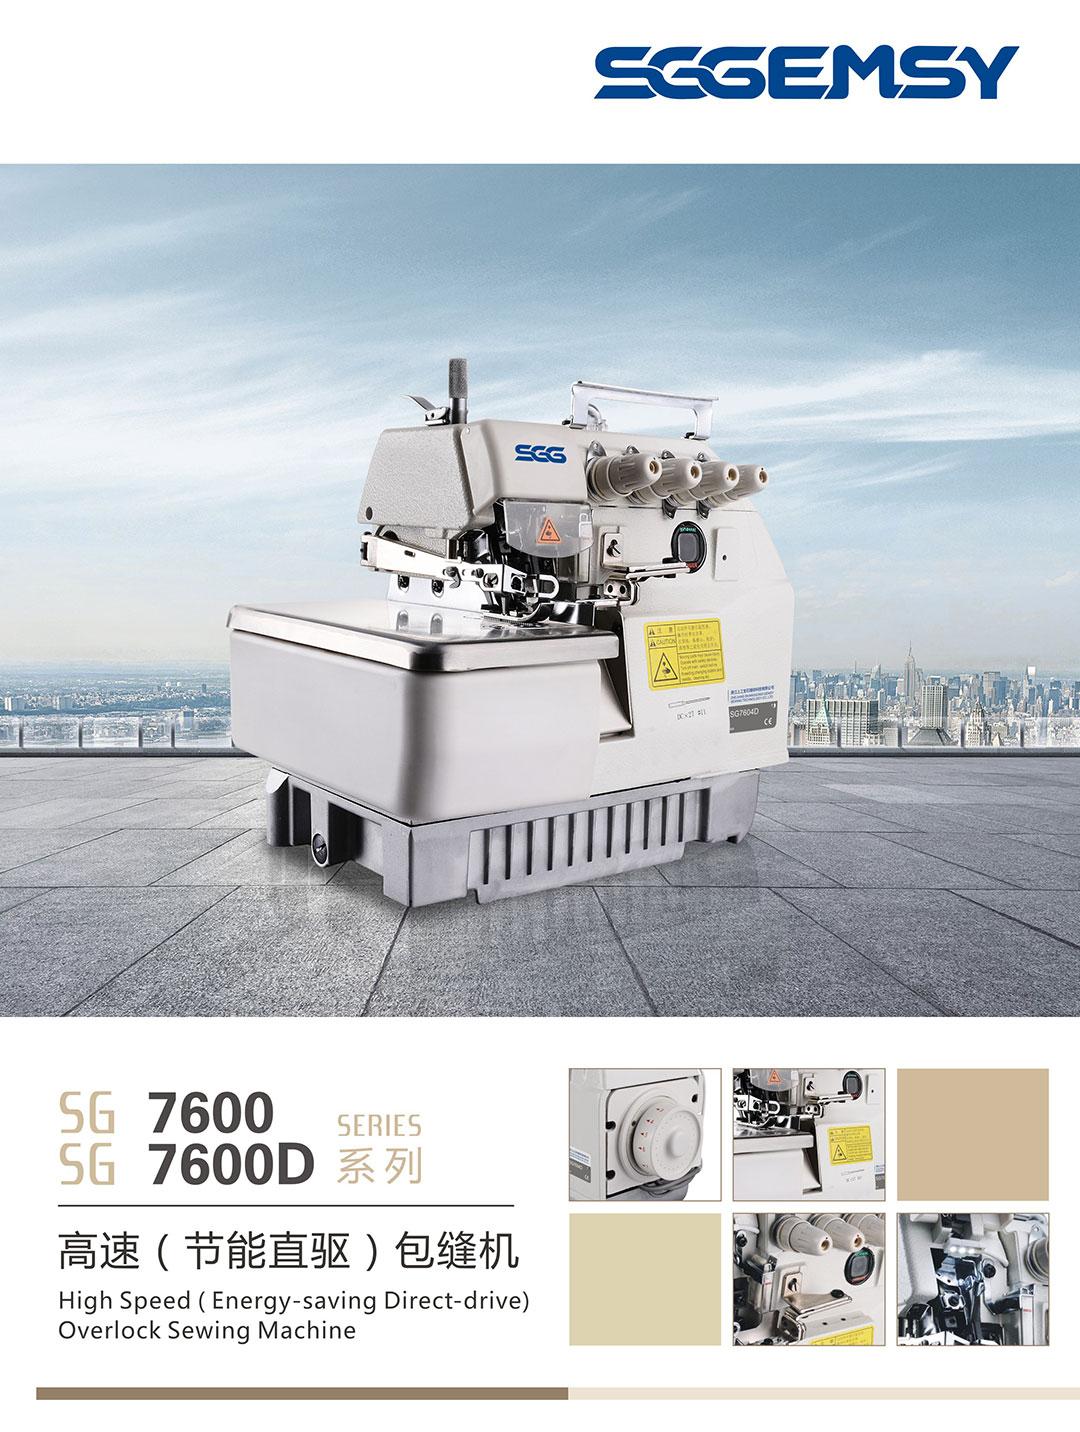 SG 7600&7600D 高速(节能直驱)包缝机